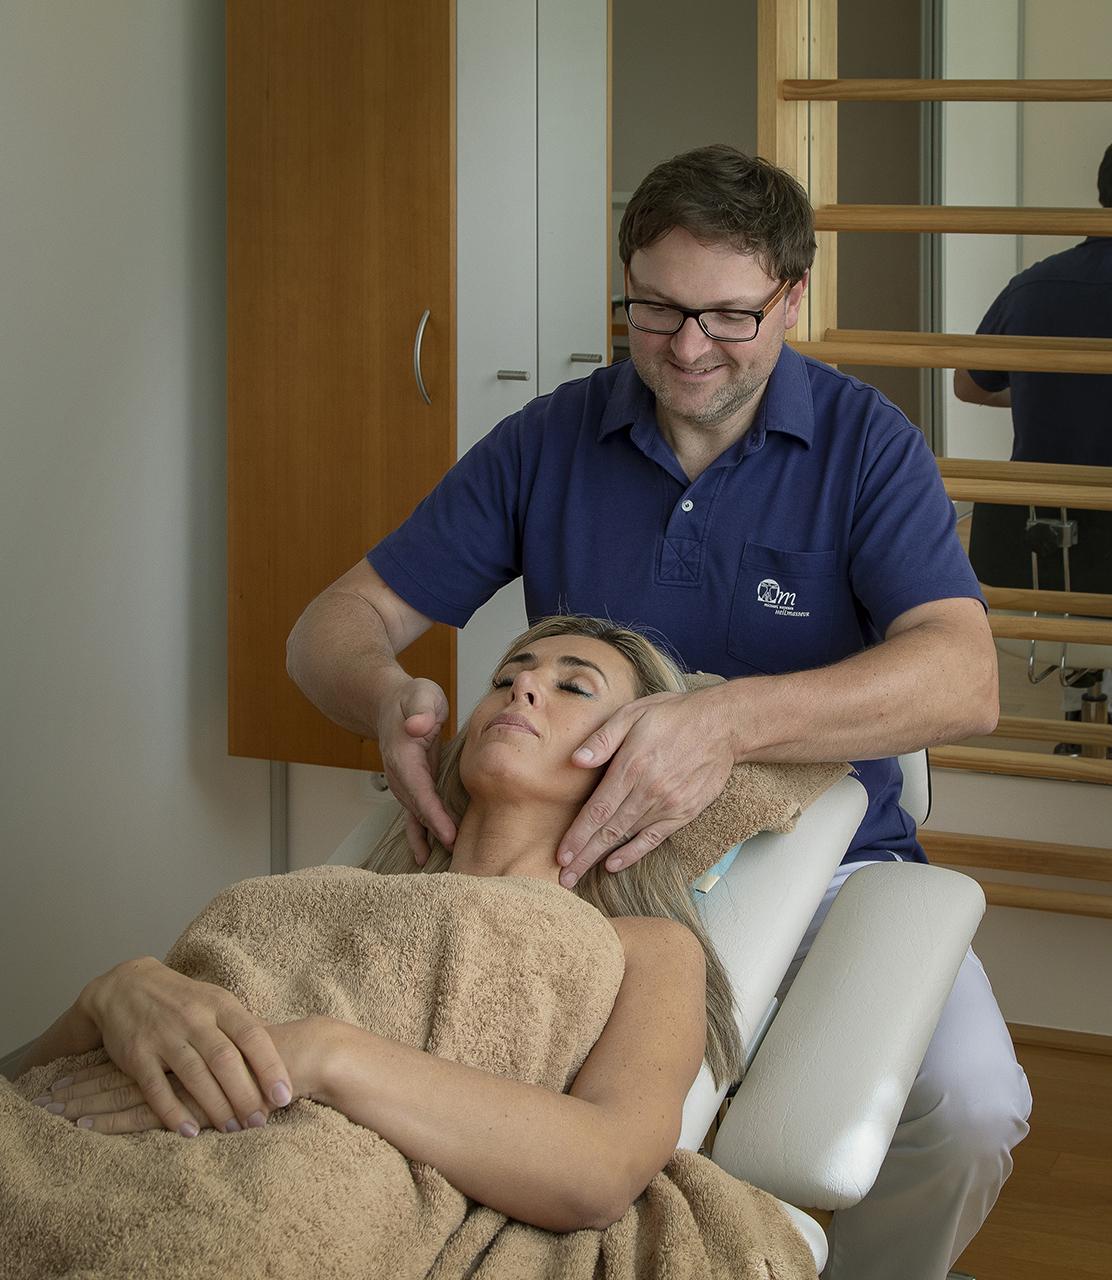 Heilmasseur, Massage, Heilmassage, Gesundheitsmassage, Fussreflex, Entstauungstherapie, Blockaden, Lymphdrainage, Lymphtaping, Reflexbehandlung, Marnitztherapie, Laserbehandlung, Schröpfen, Akupunktur, Akupressur, Triggerpunkt, Schluesselzonen